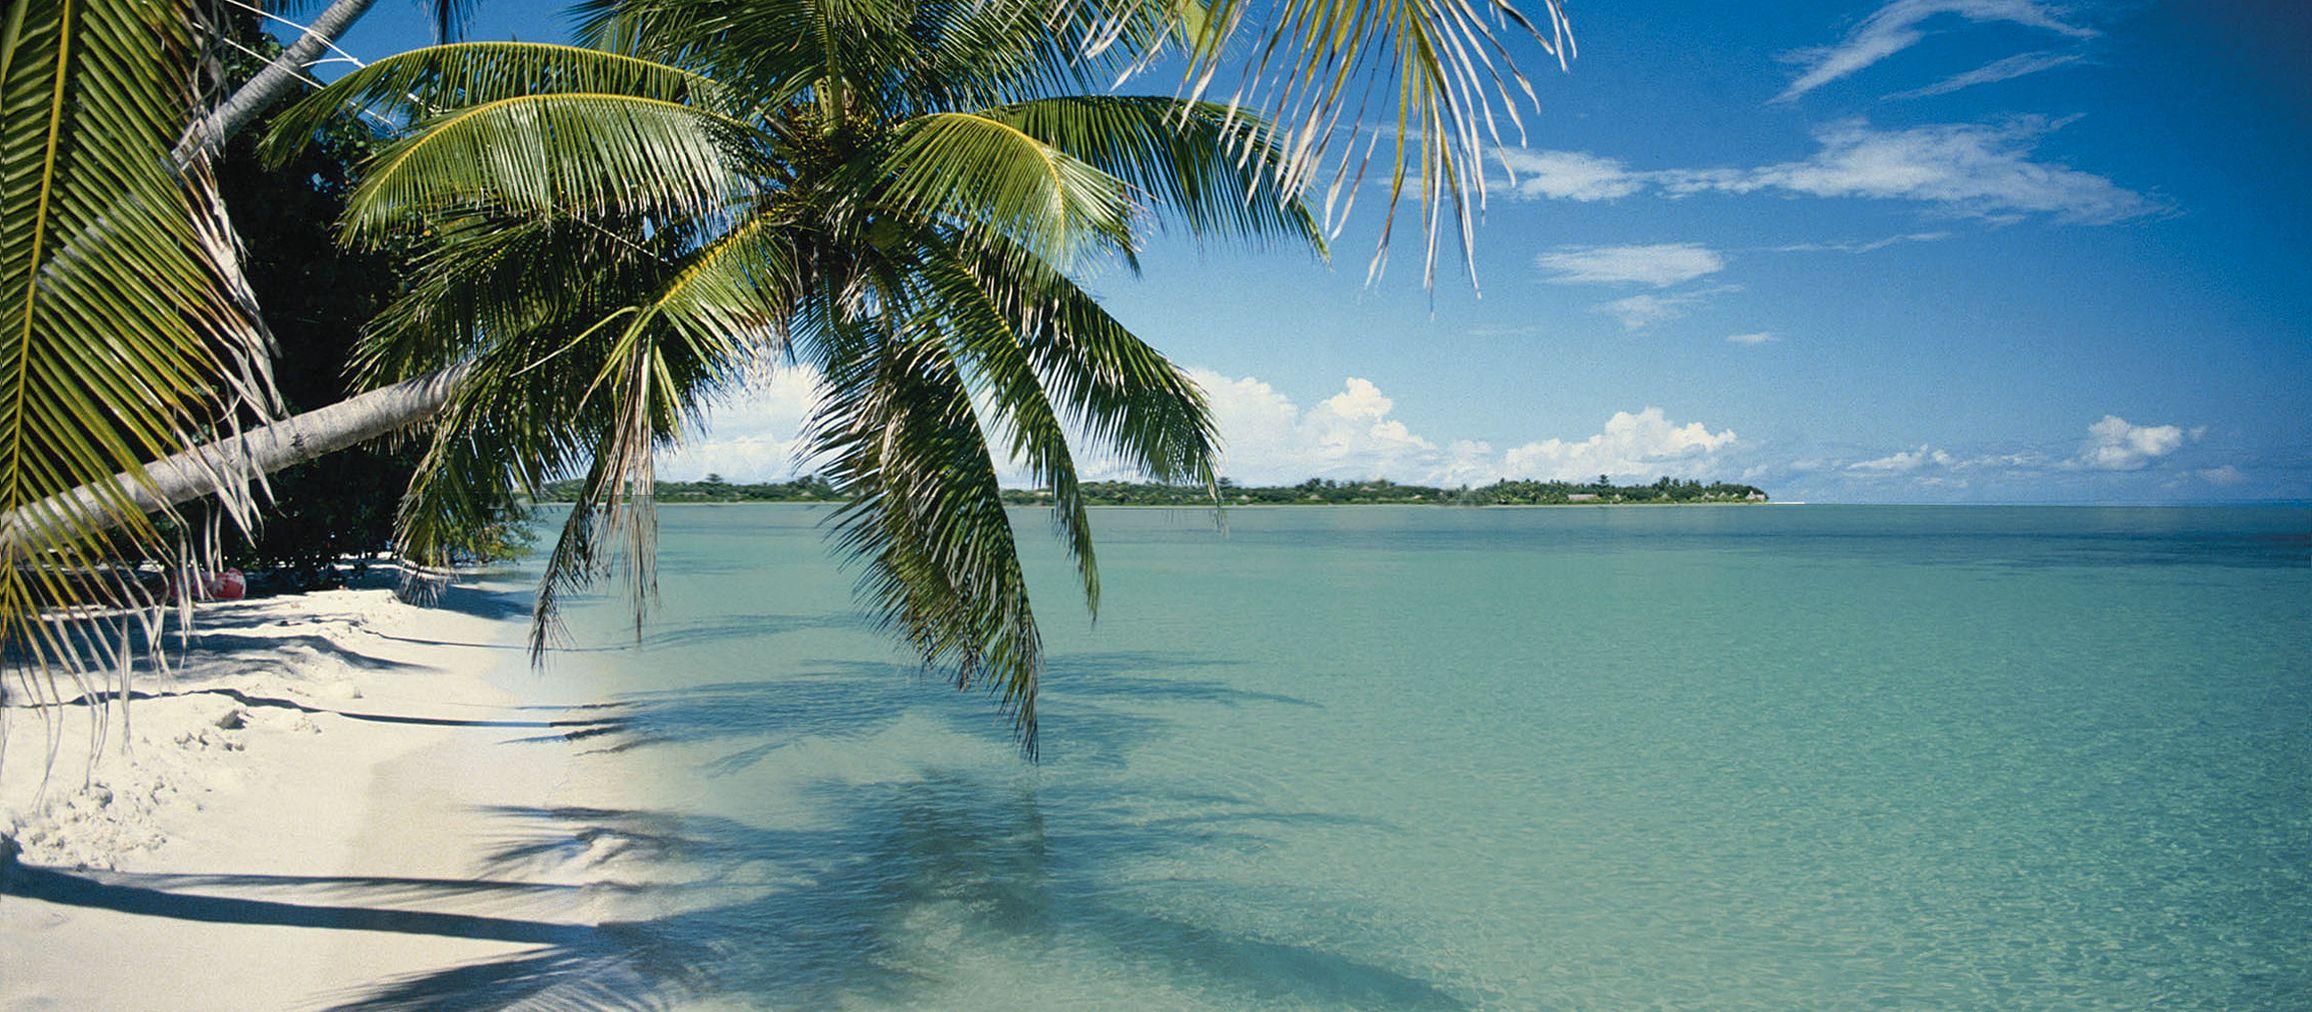 Blick auf den Strand von Key Largo